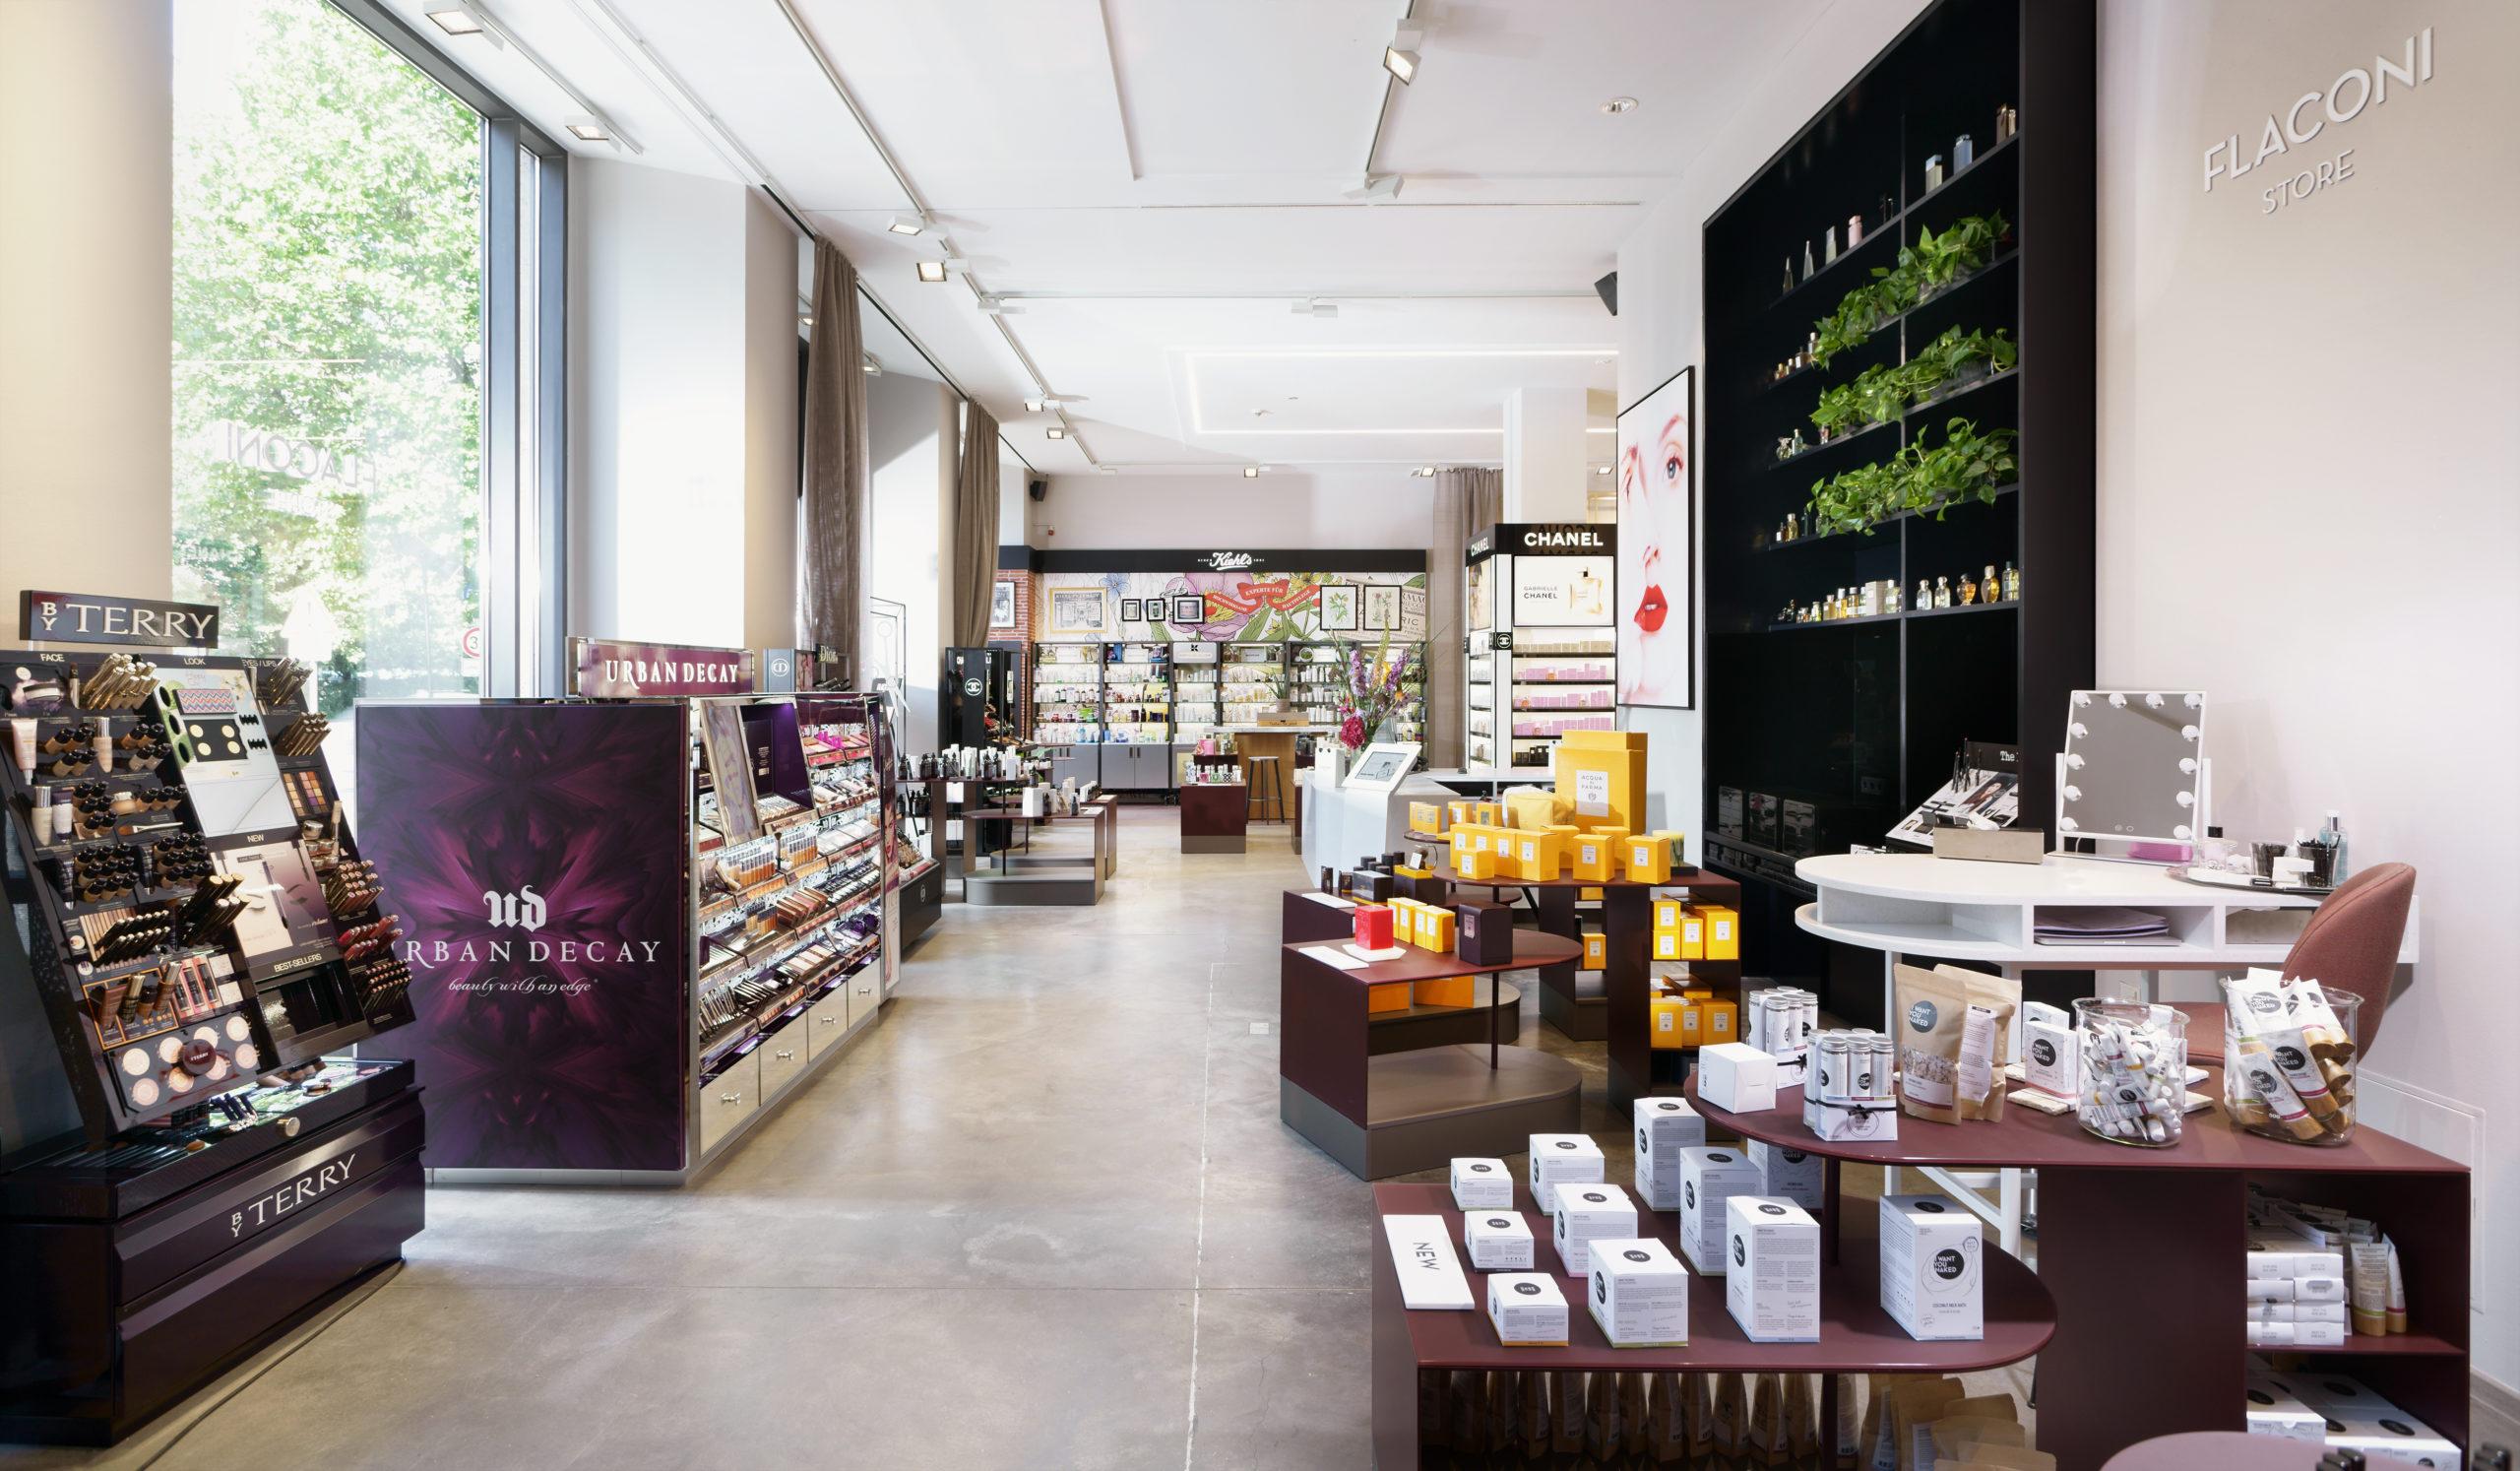 Pafümerien in Berlin Der Online-Kosmetik-Händler Flaconi eröffnete 2015 seinen Concept Store in Mitte. Hier findet man Klassiker, genauso wie Parfum-Neuheiten kleiner, unterschätzter Manufakturen.